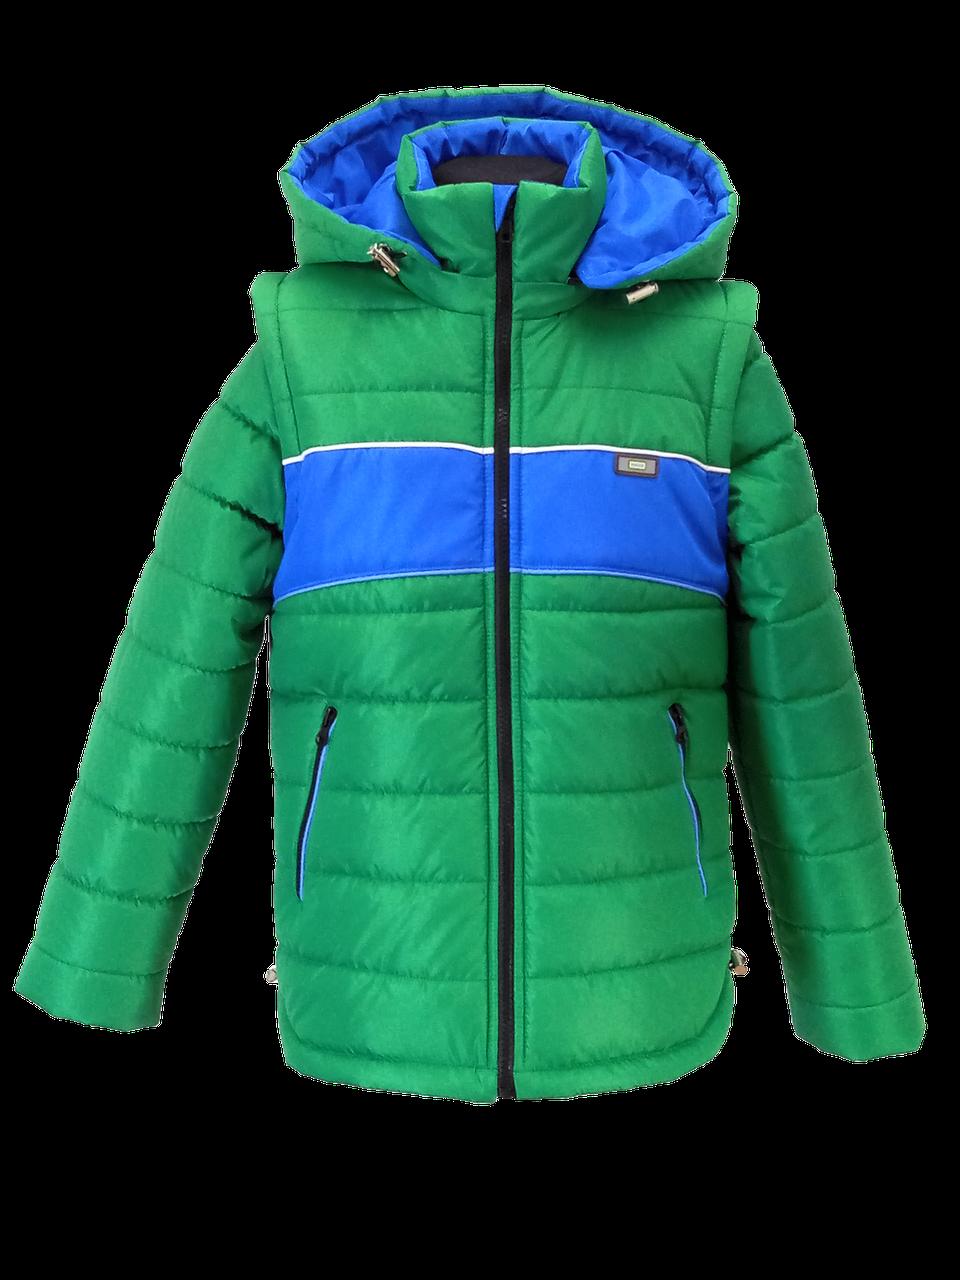 76d1236a29b Куртка жилет демисезонная на мальчика 368366 - Магазин детской одежды